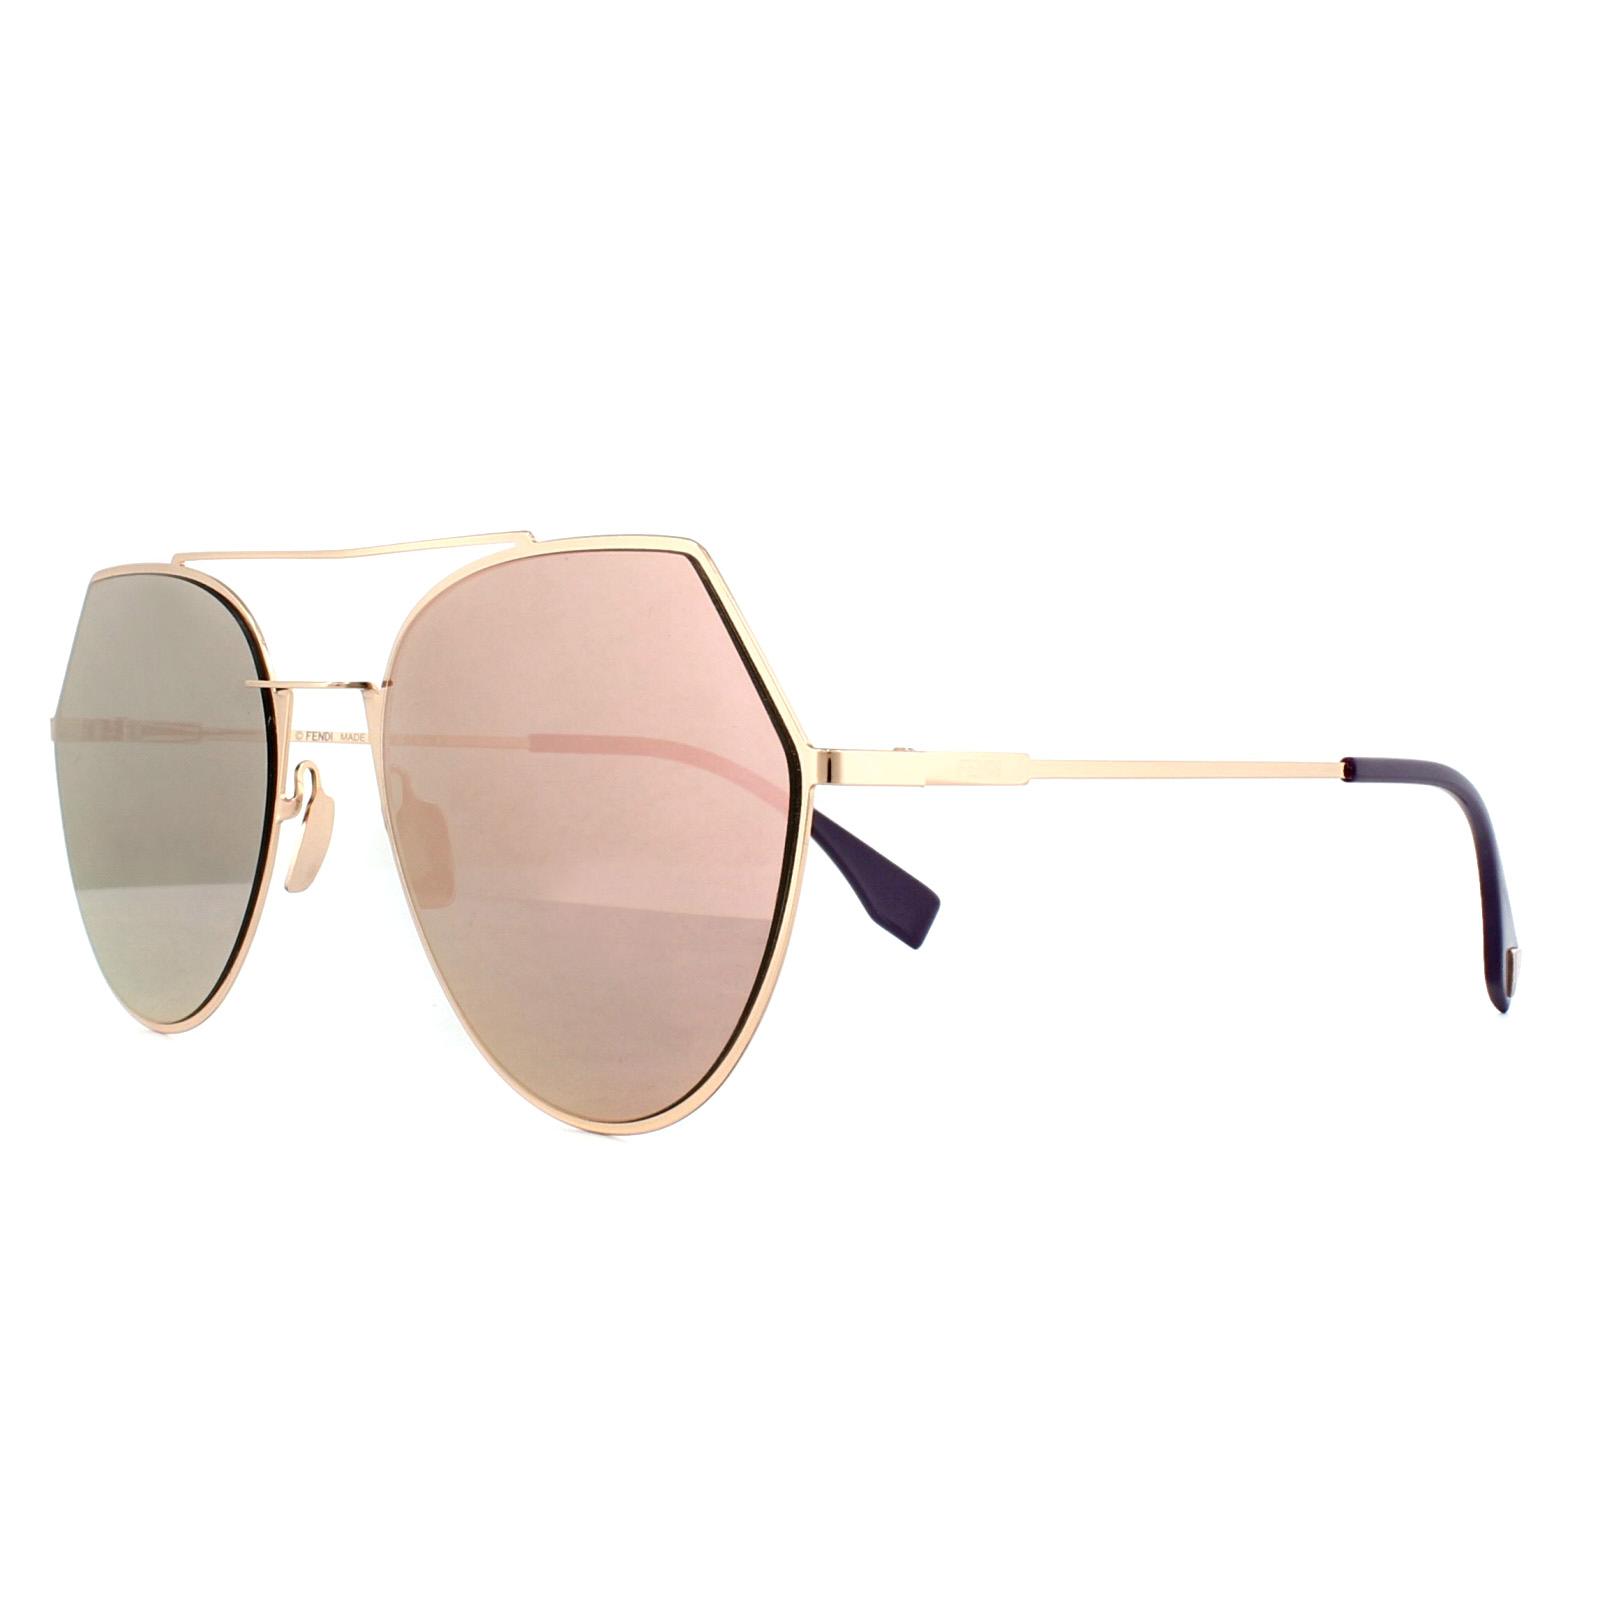 5631fcf27aeff Sentinel Fendi Sunglasses Eyeline FF 0194 S DDB AP Gold Copper Silver